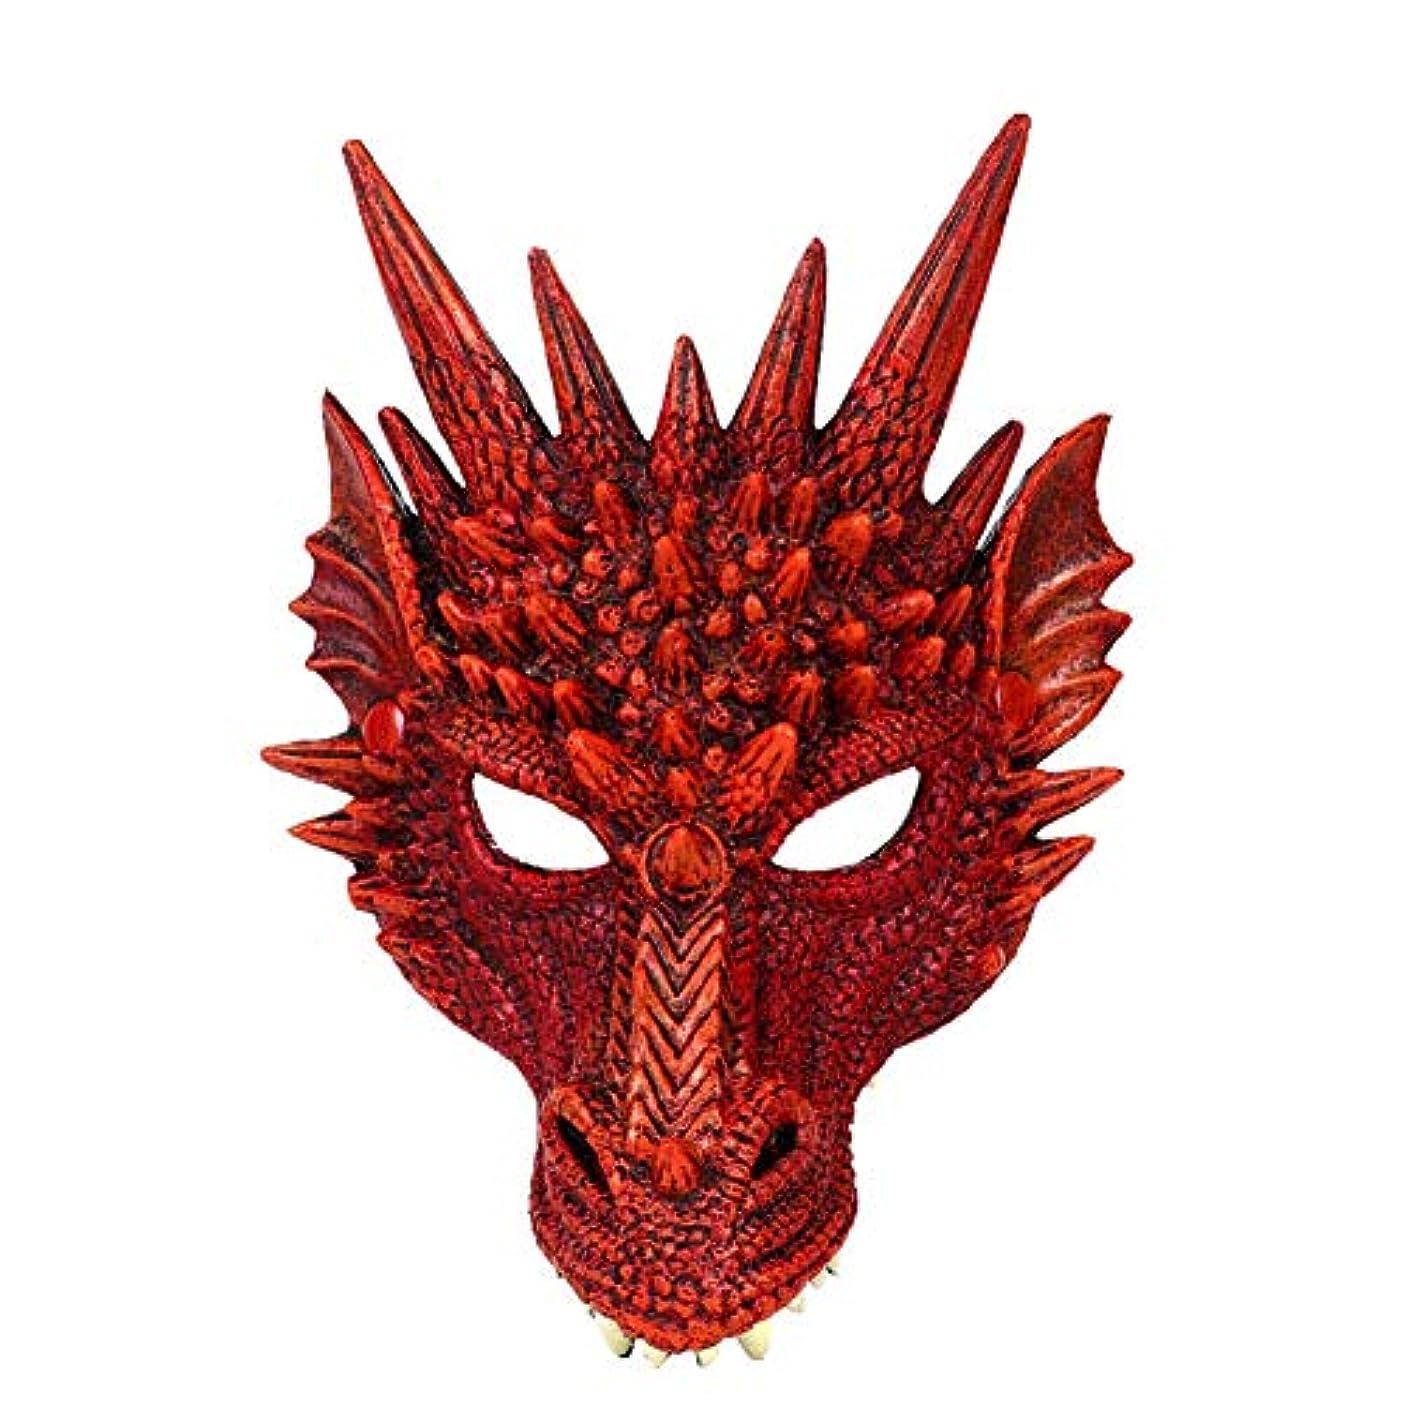 ポップ過剰直径Esolom 4Dドラゴンマスク ハーフマスク 10代の子供のためのハロウィンコスチューム パーティーの装飾 テーマパーティー用品 ドラゴンコスプレ小道具